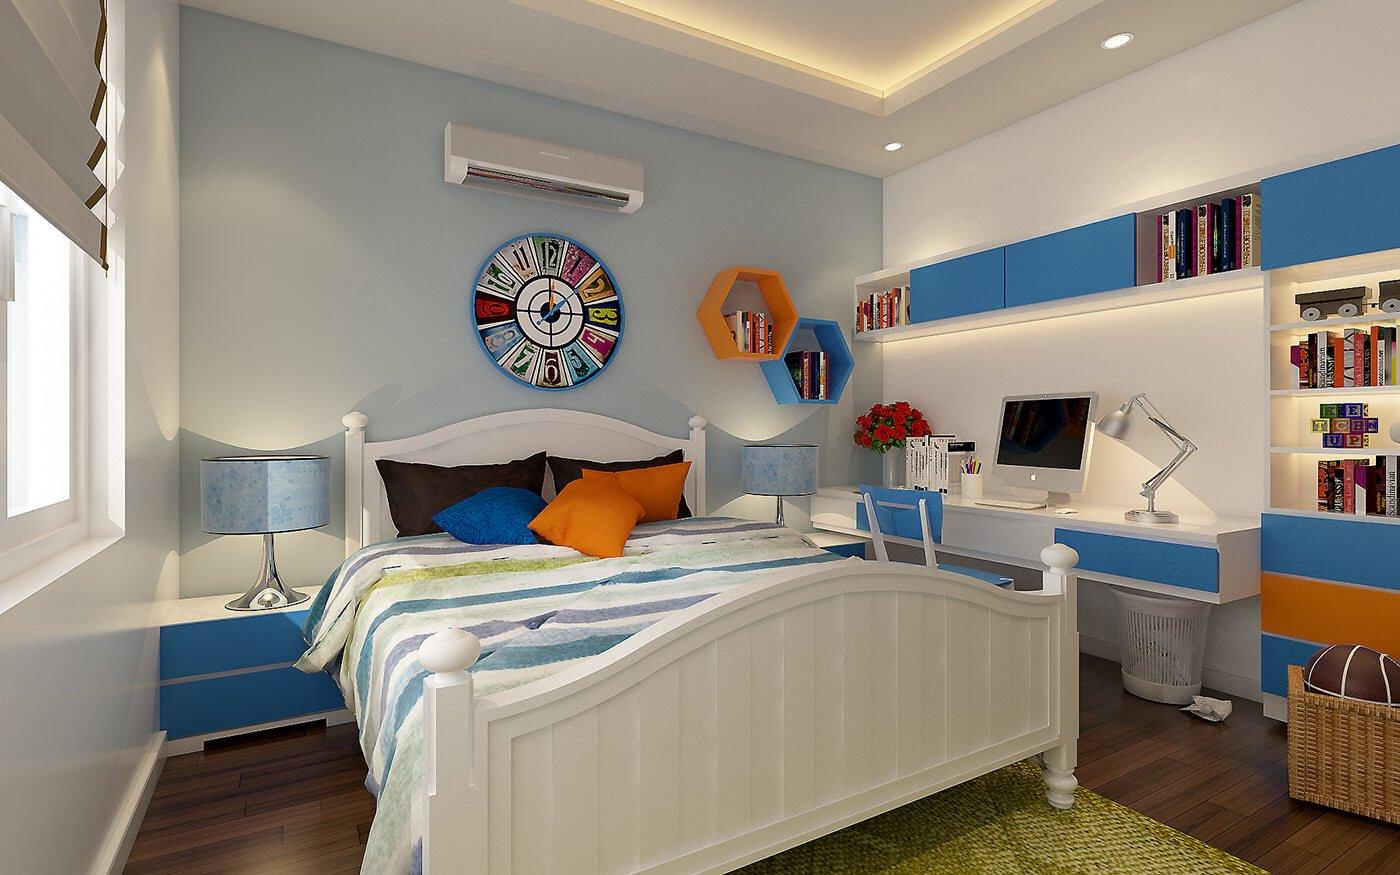 biệt thự 2 tầng mái thái phòng ngủ bé trai